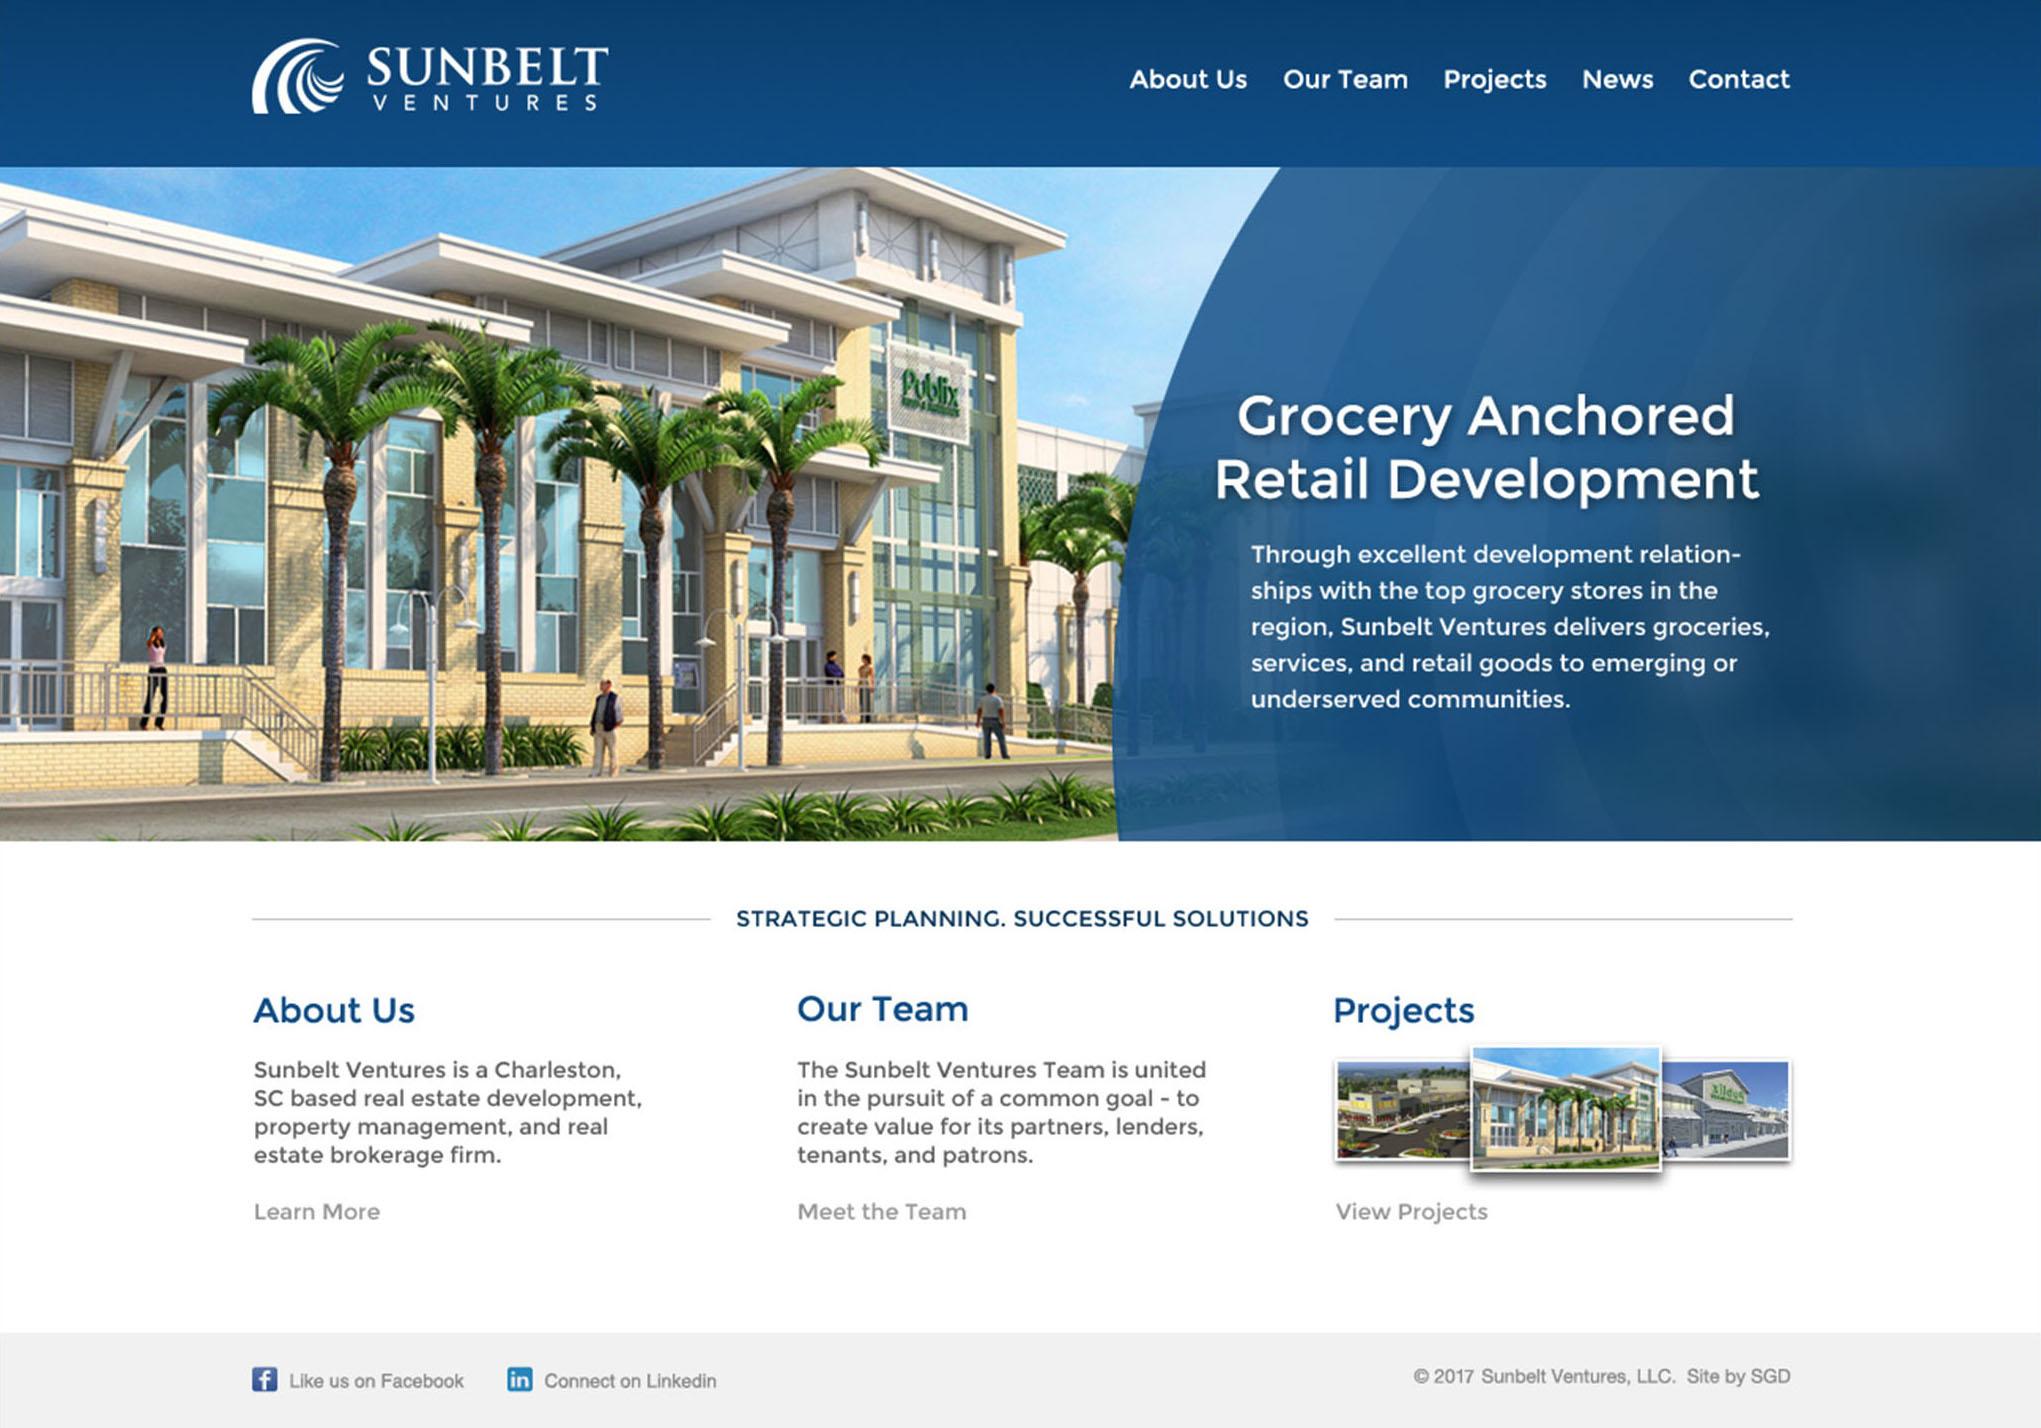 Sunbelt Ventures